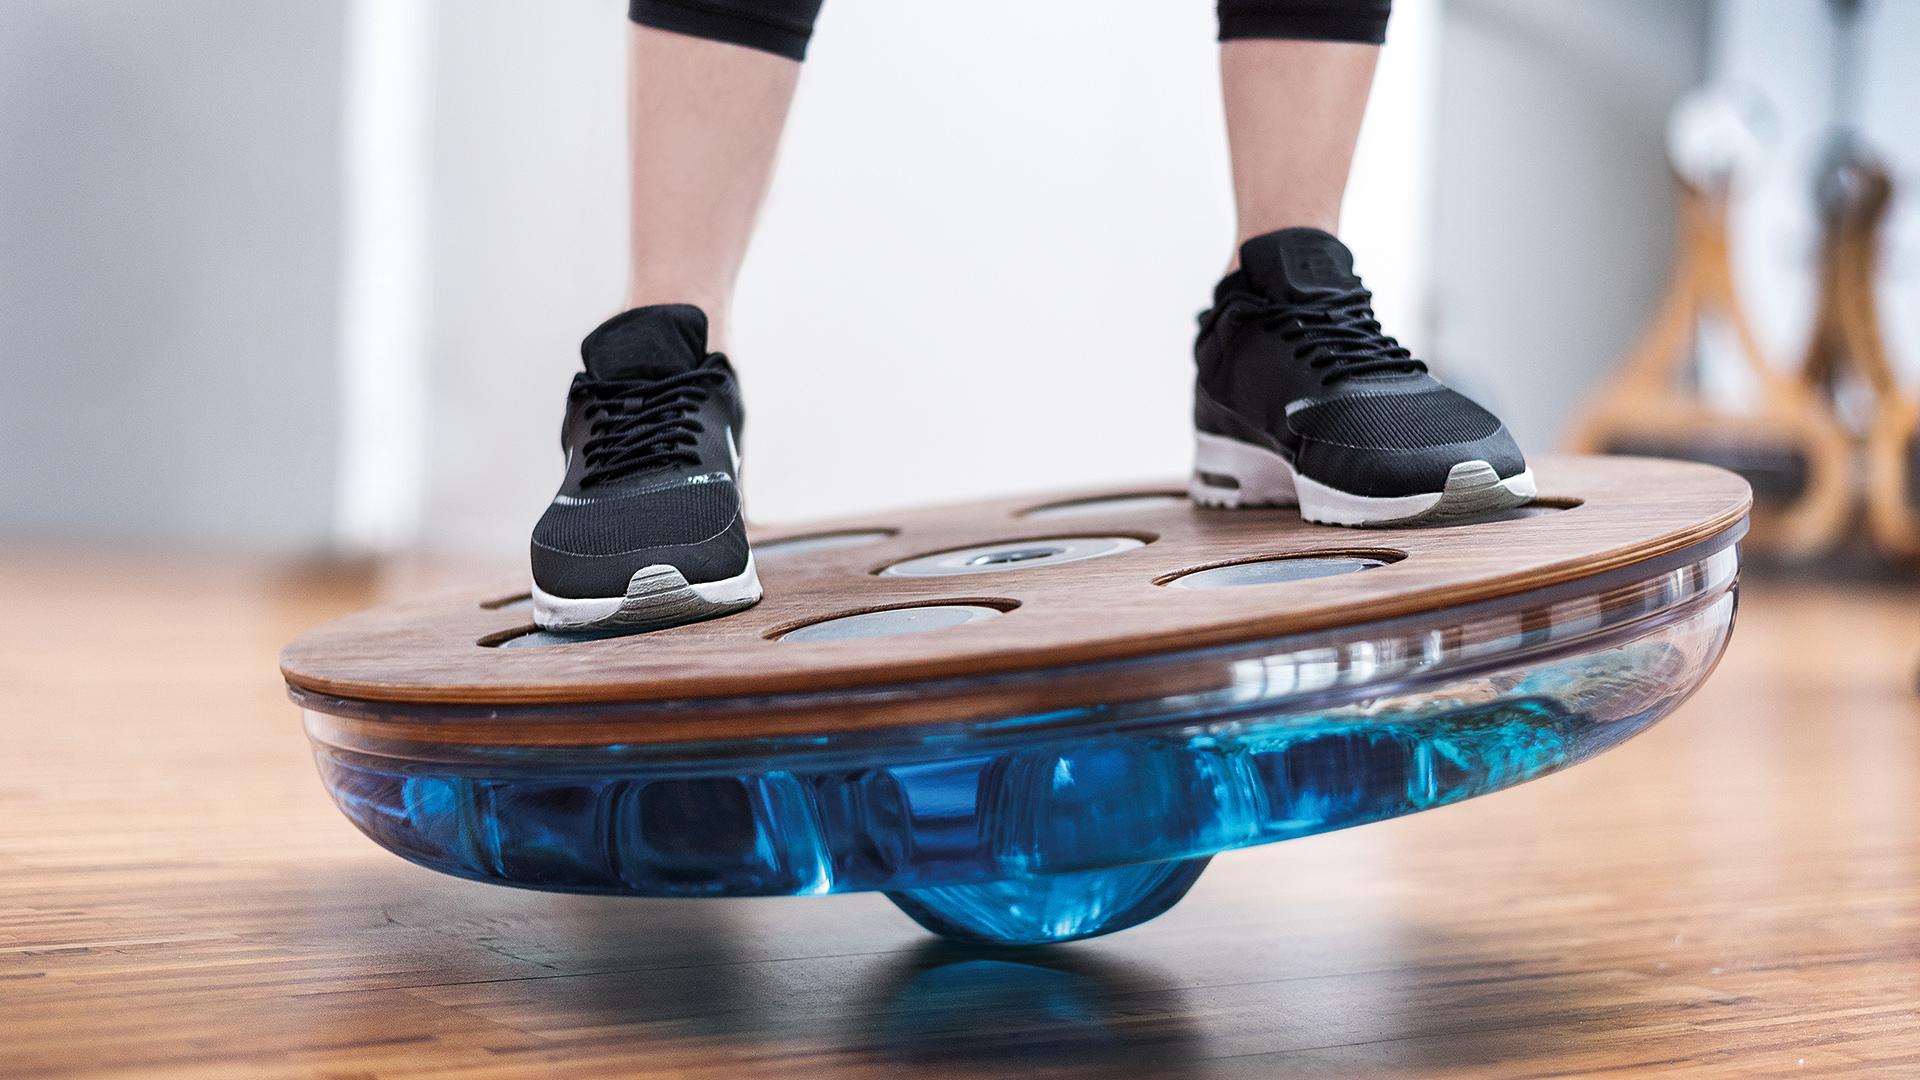 nohrd-eau-me-board